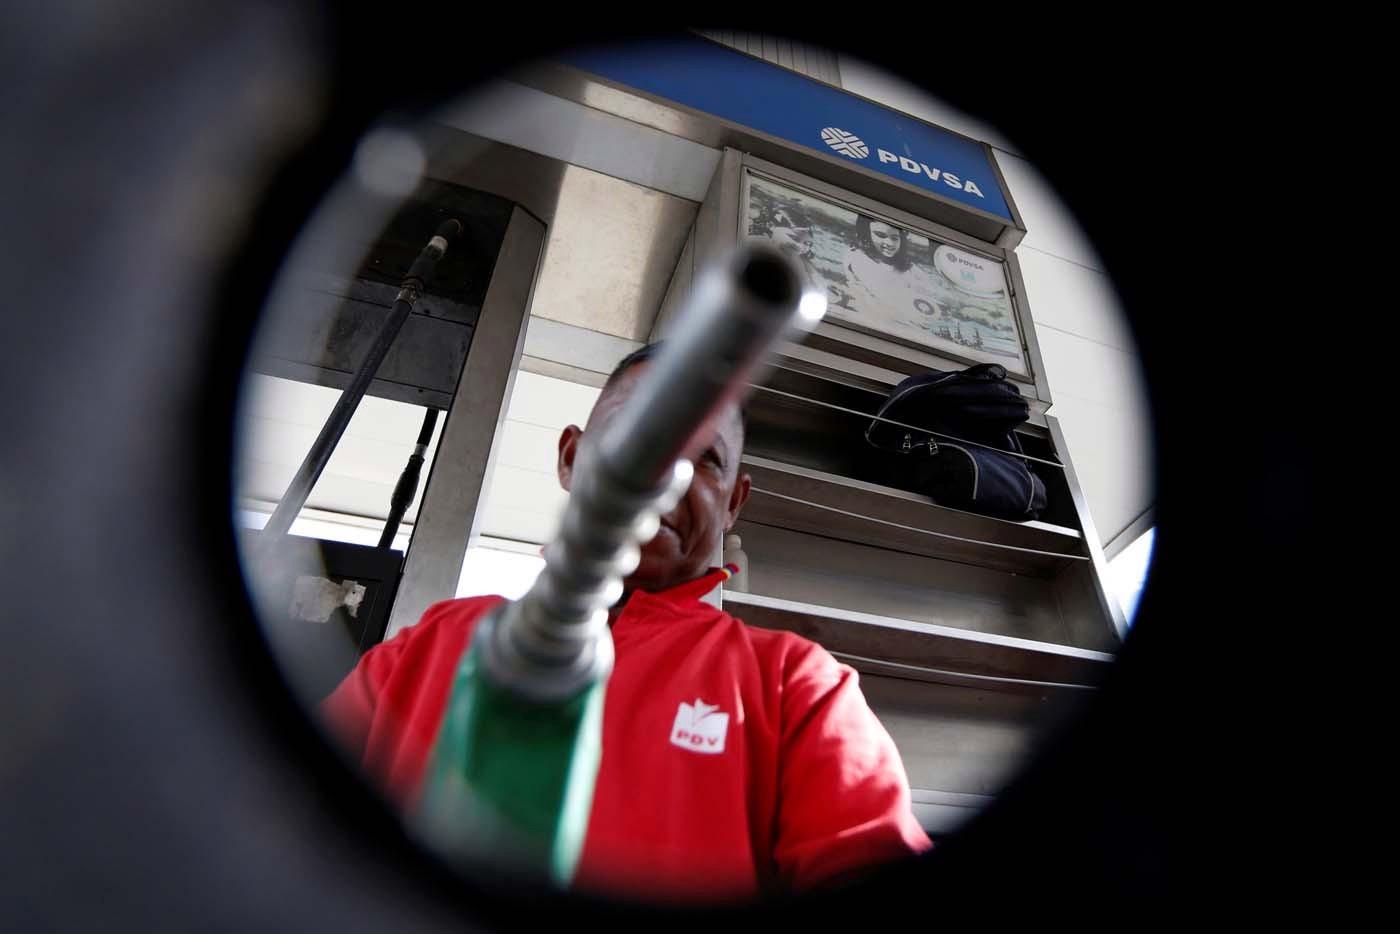 La batalla por el diésel en Venezuela: la nueva etapa del bloqueo económico